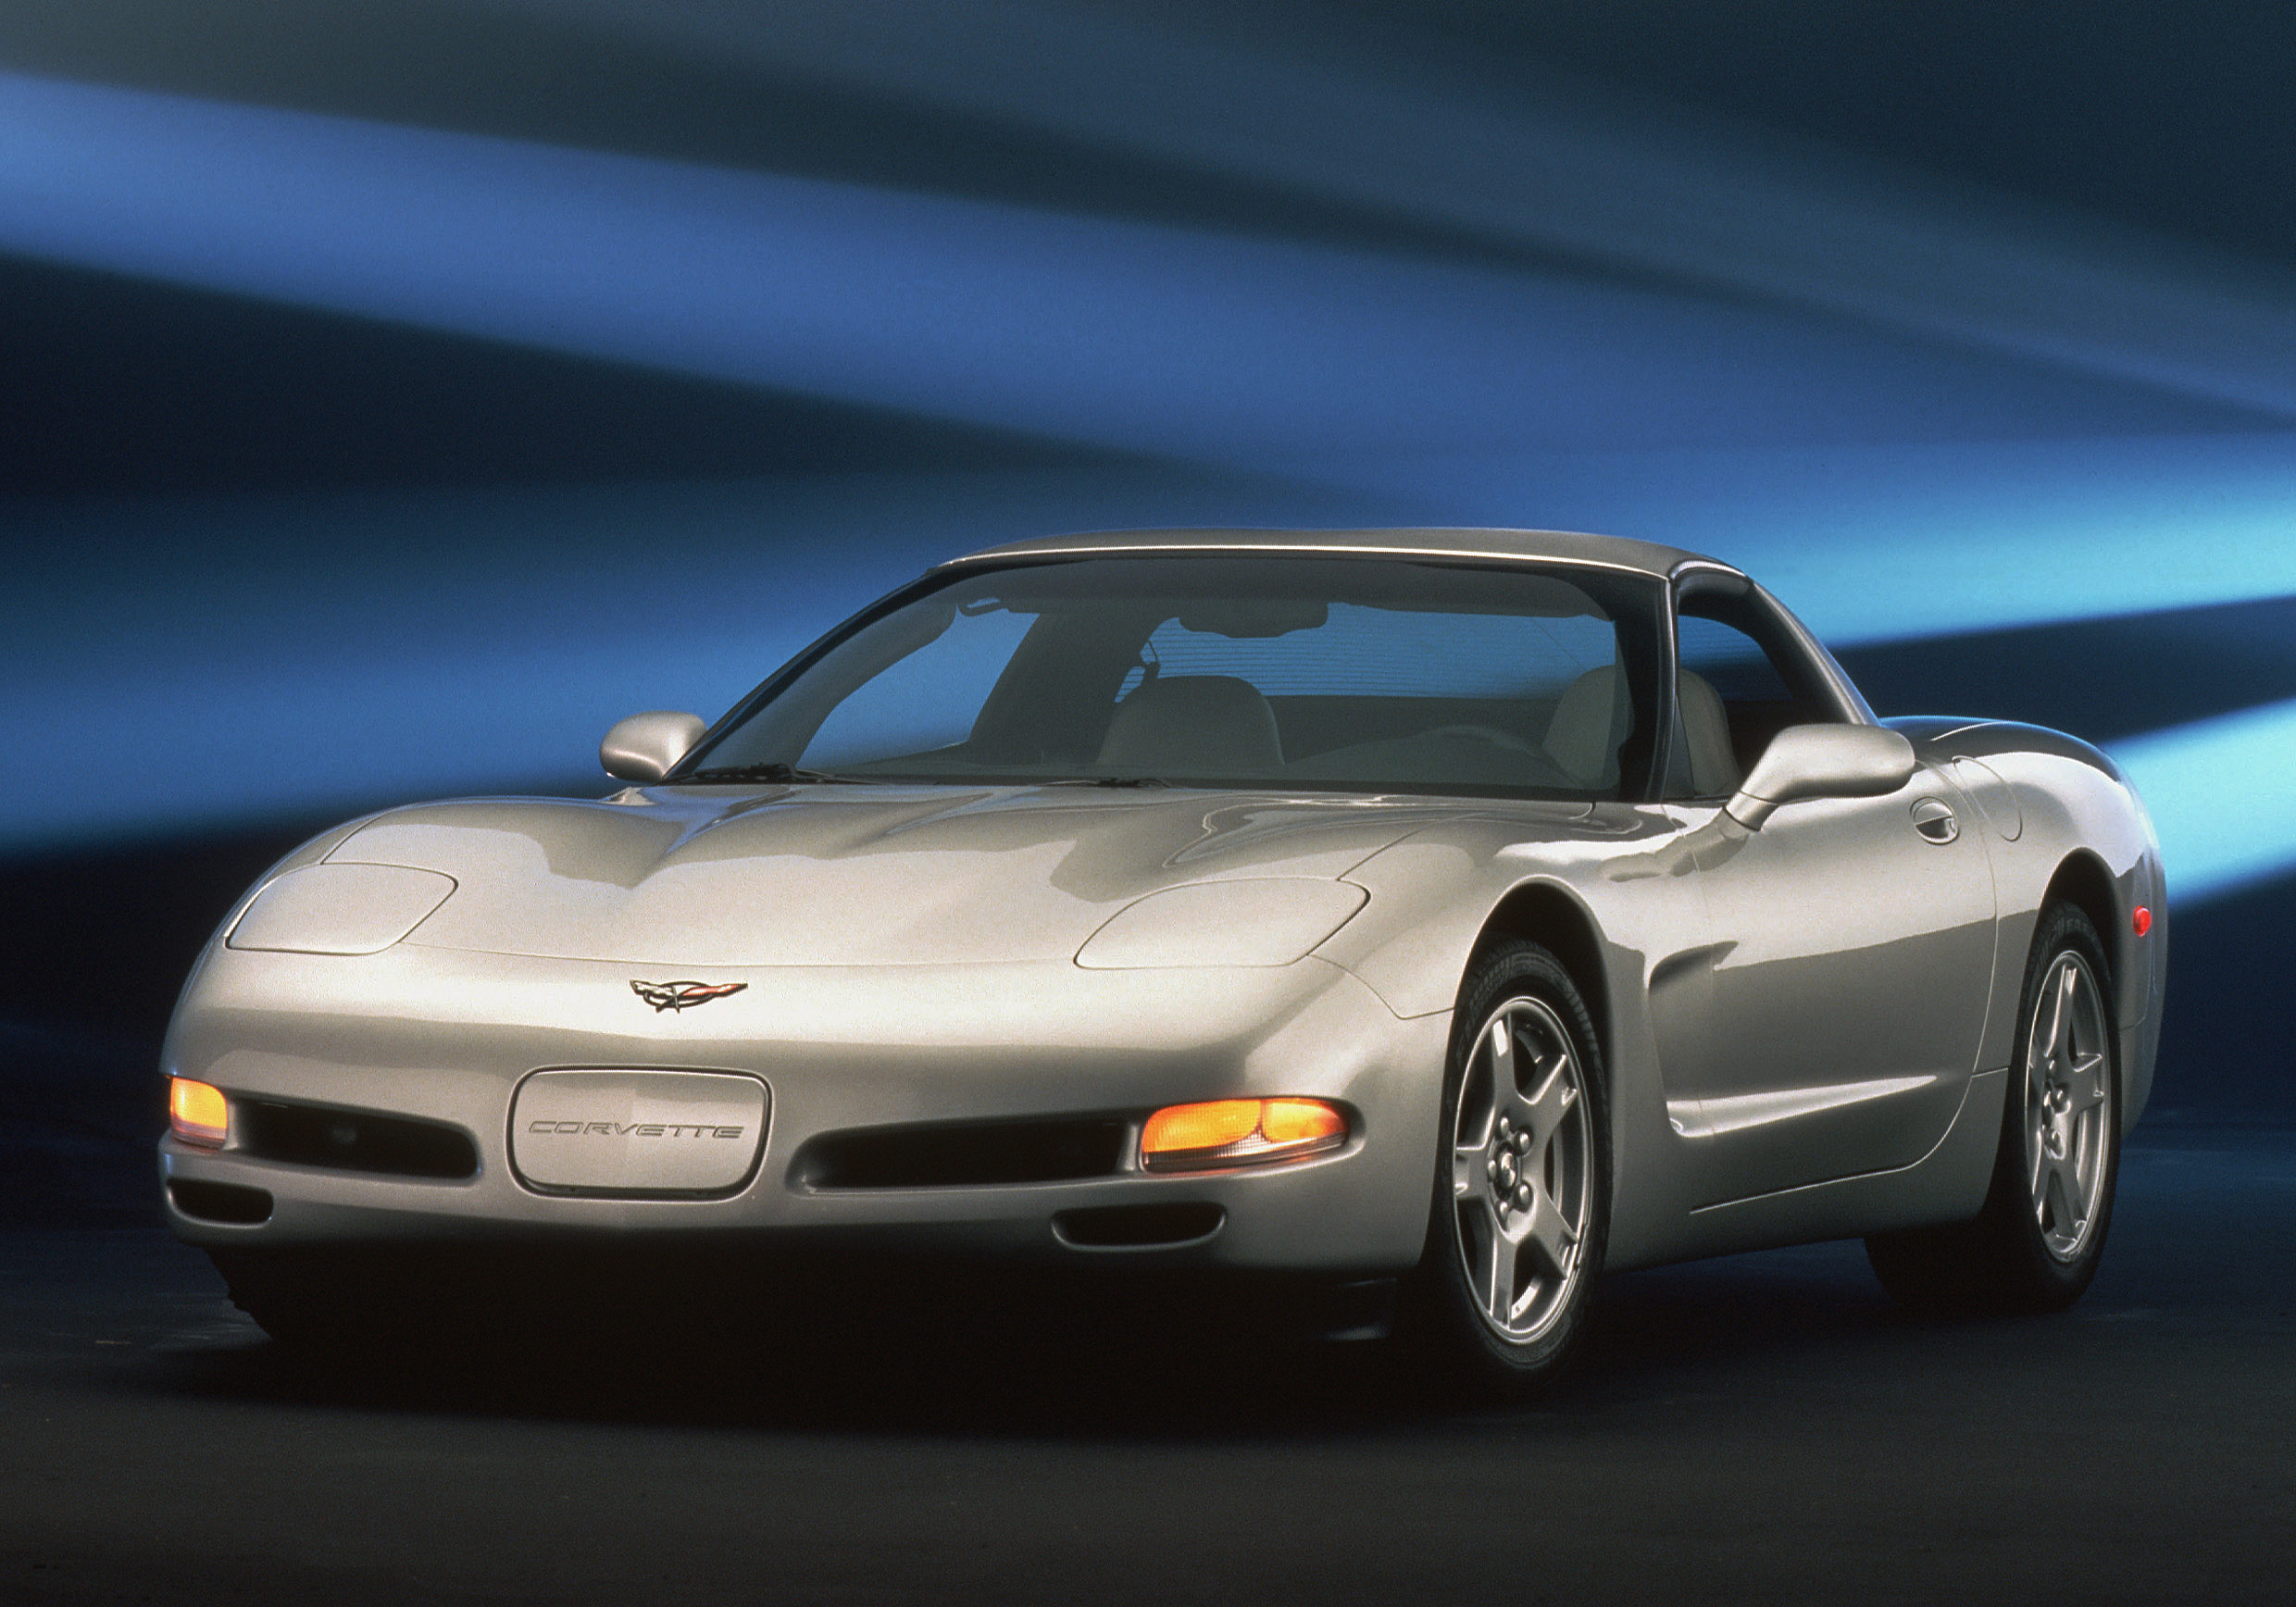 1997 Chevrolet Corvette